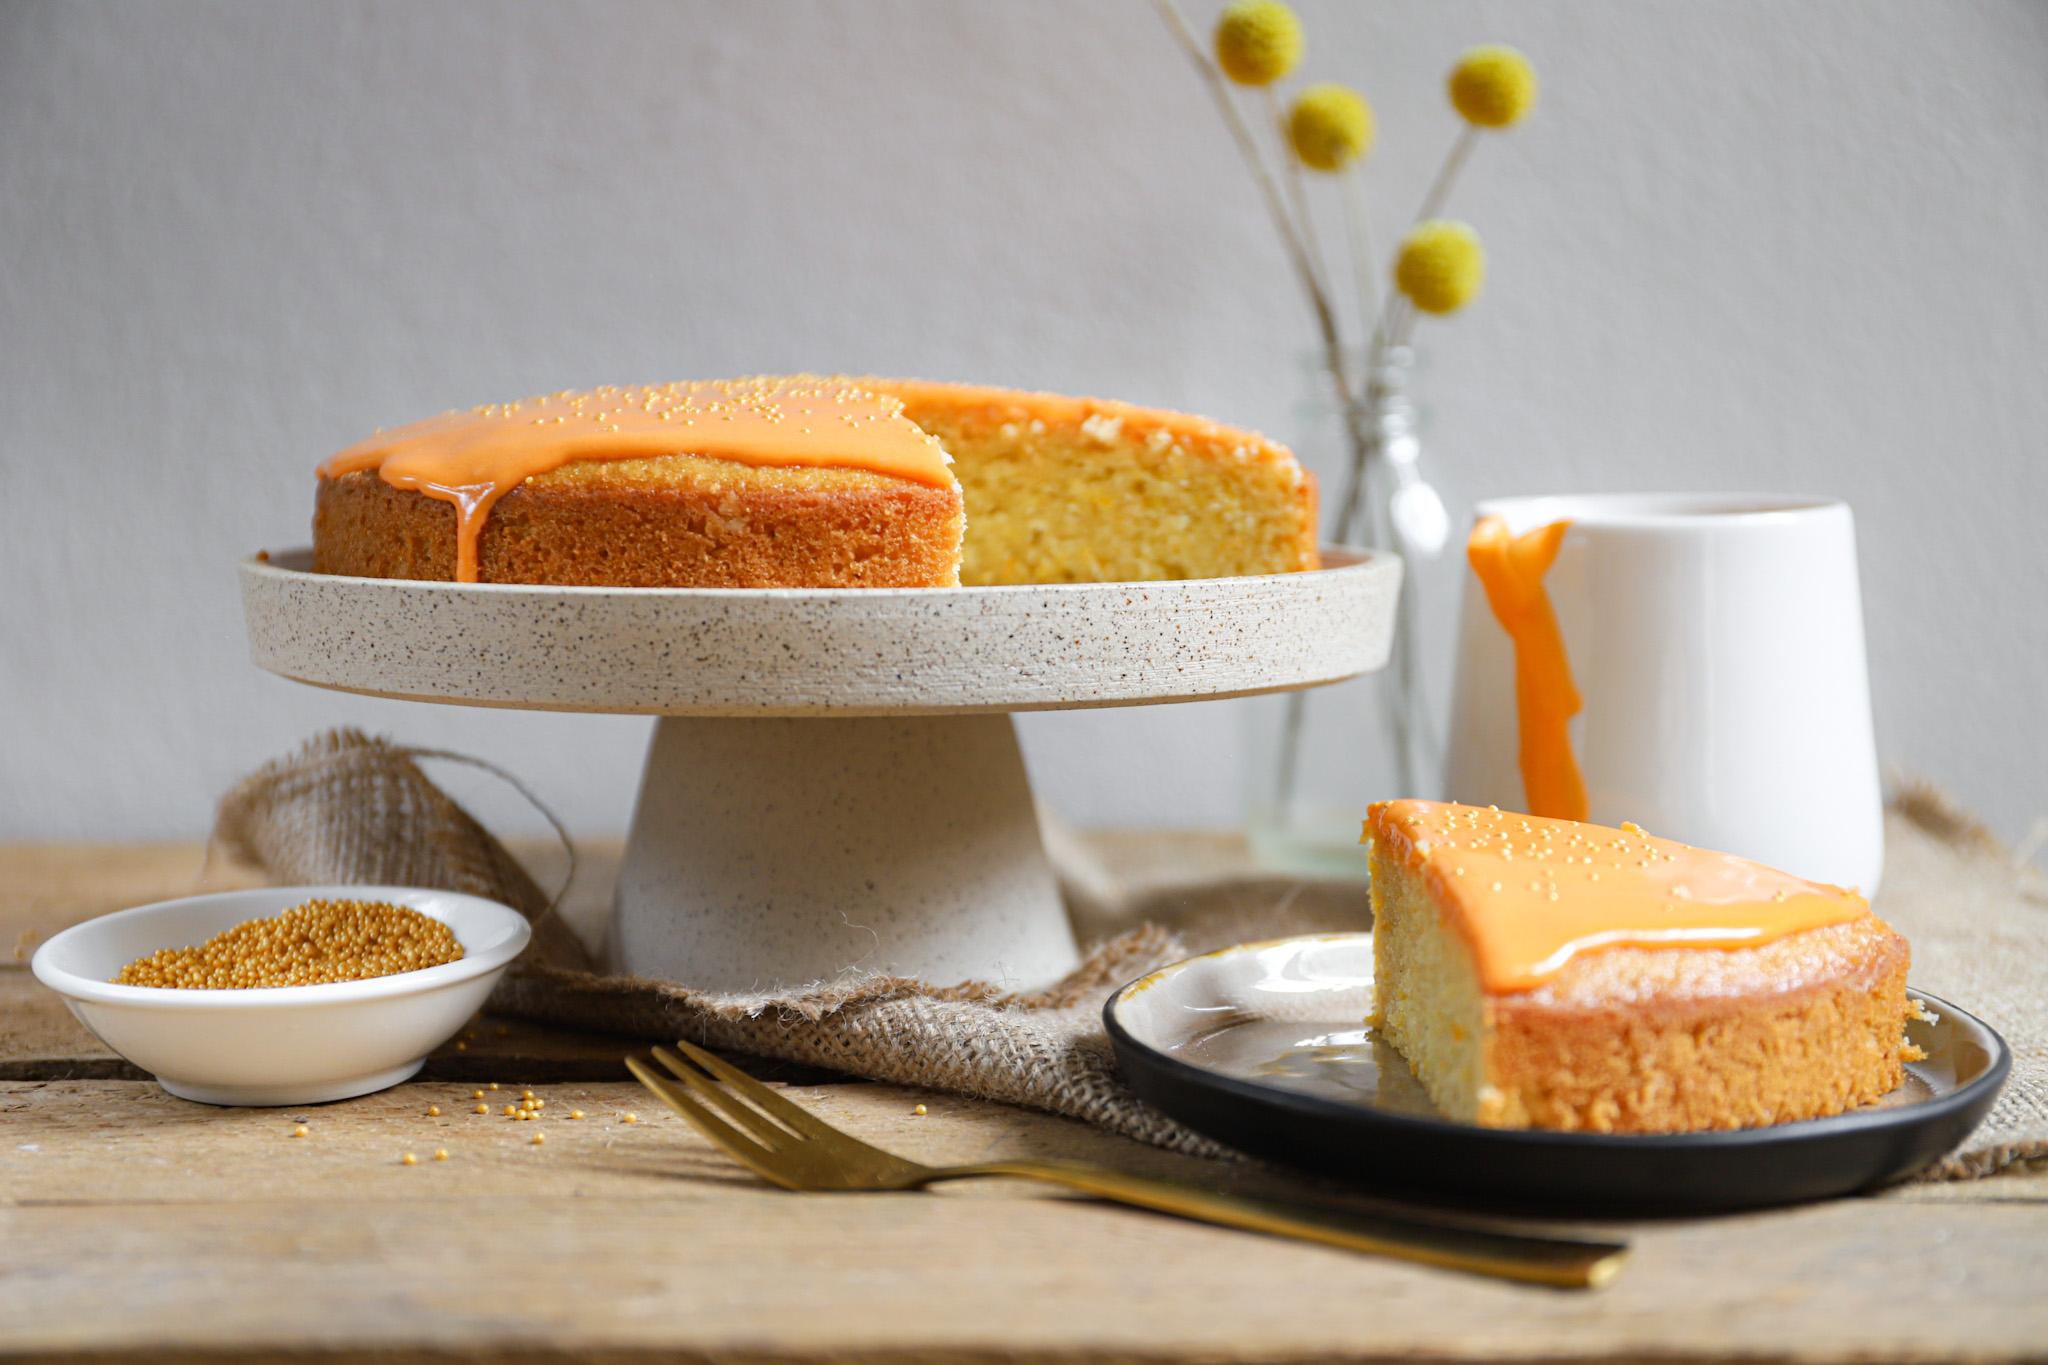 Oranje koek met een vleugje sinaasappel